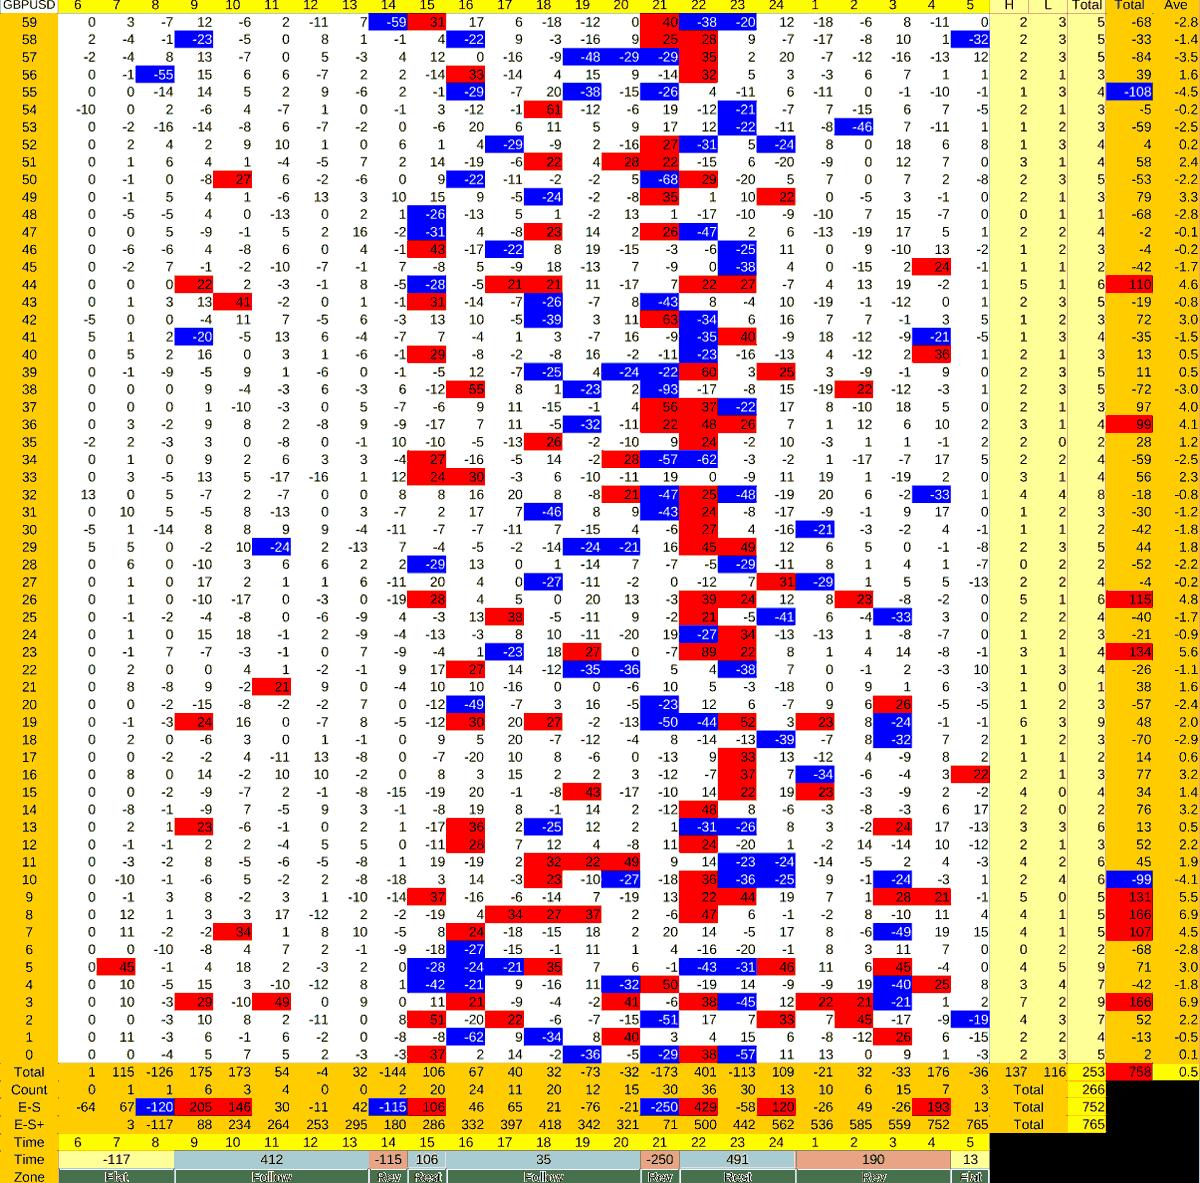 20211013_HS(2)GBPUSD-min